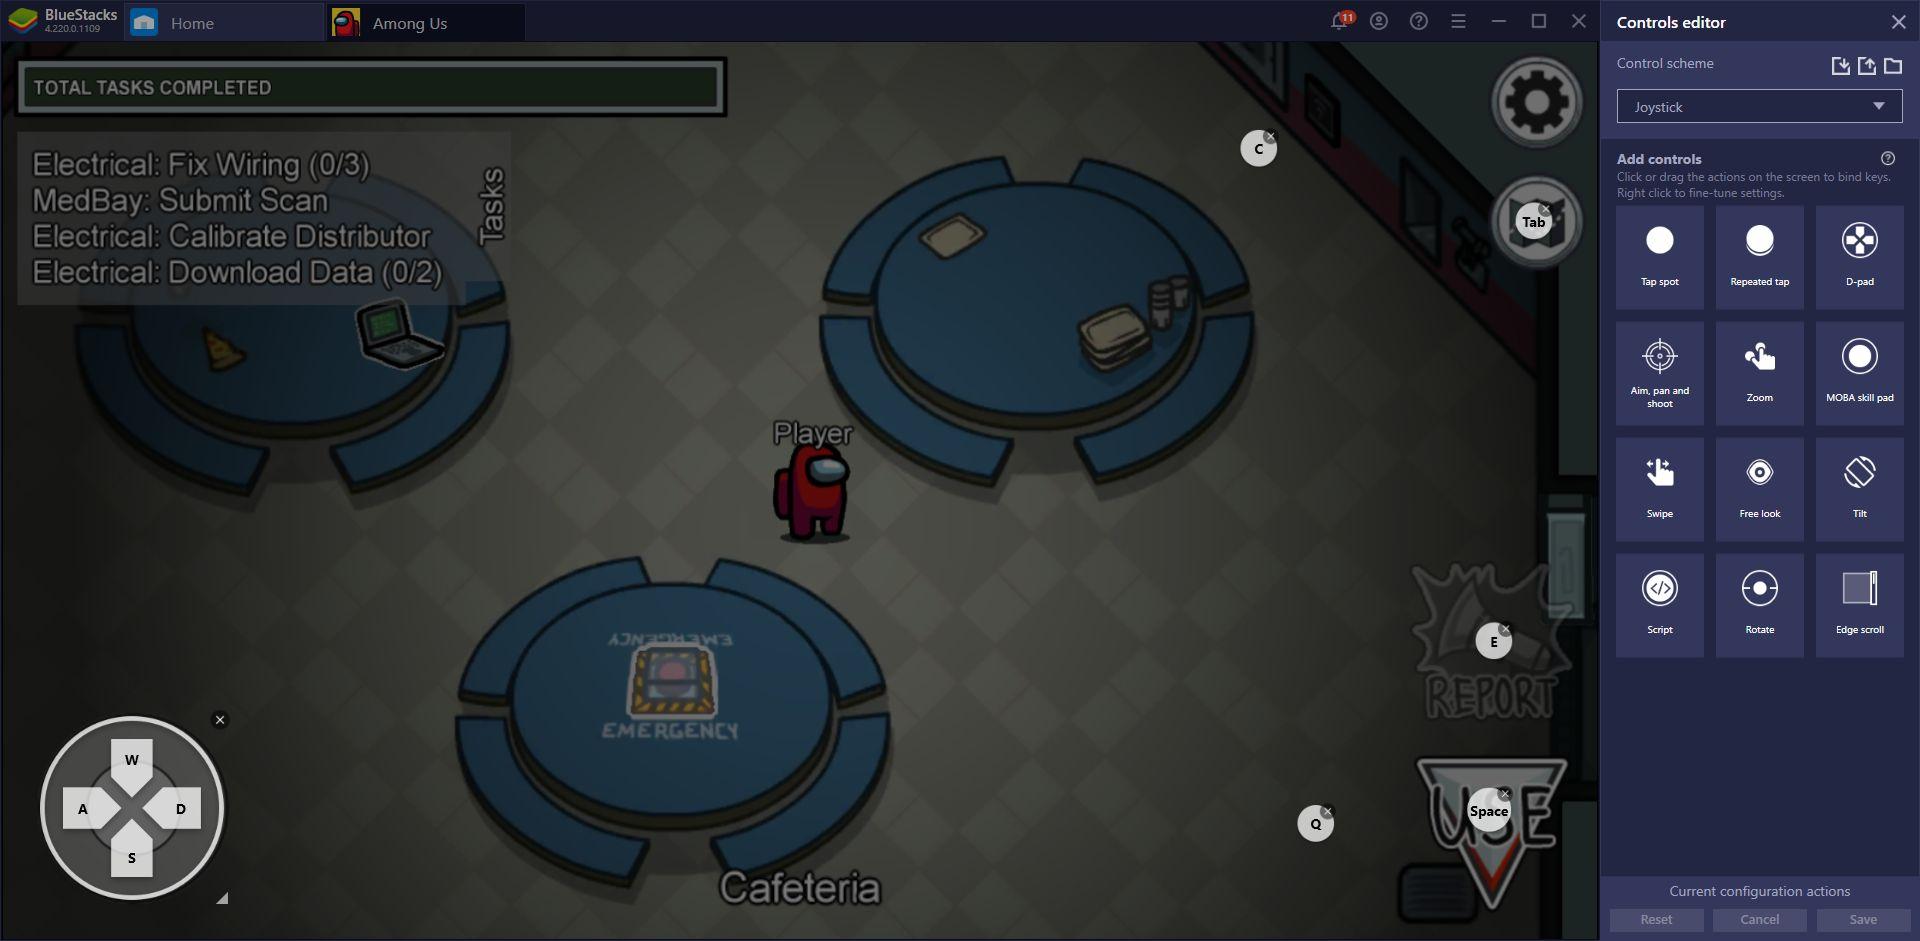 Among Us auf dem PC – Tipps und Tricks von BlueStacks, um jedes Match zu gewinnen